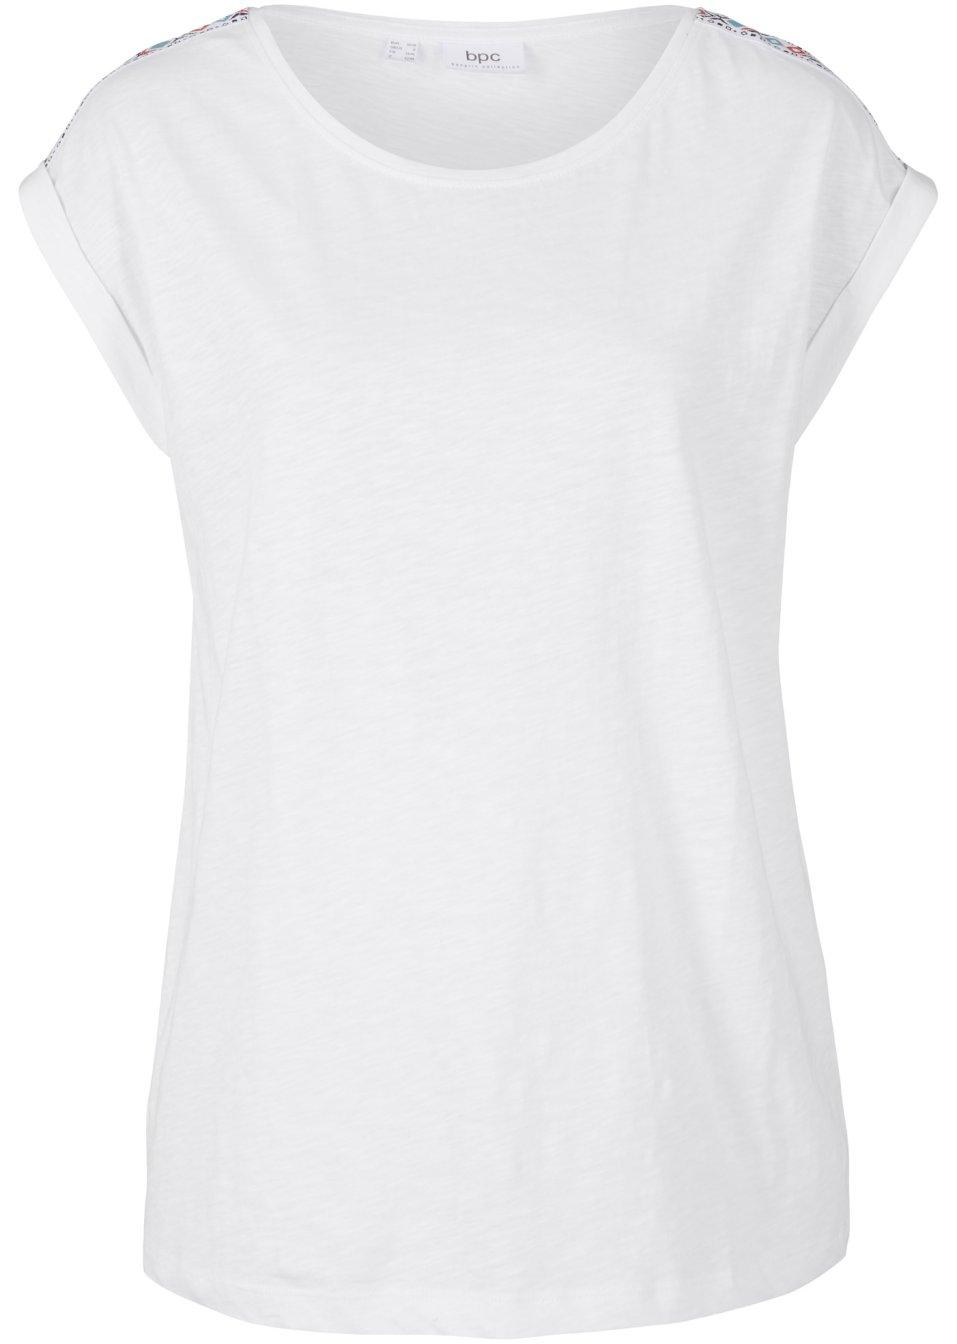 Baumwoll-Boxy-Shirt mit dekorativen Tape auf den Schultern. - weiß VMzaU fX1yD